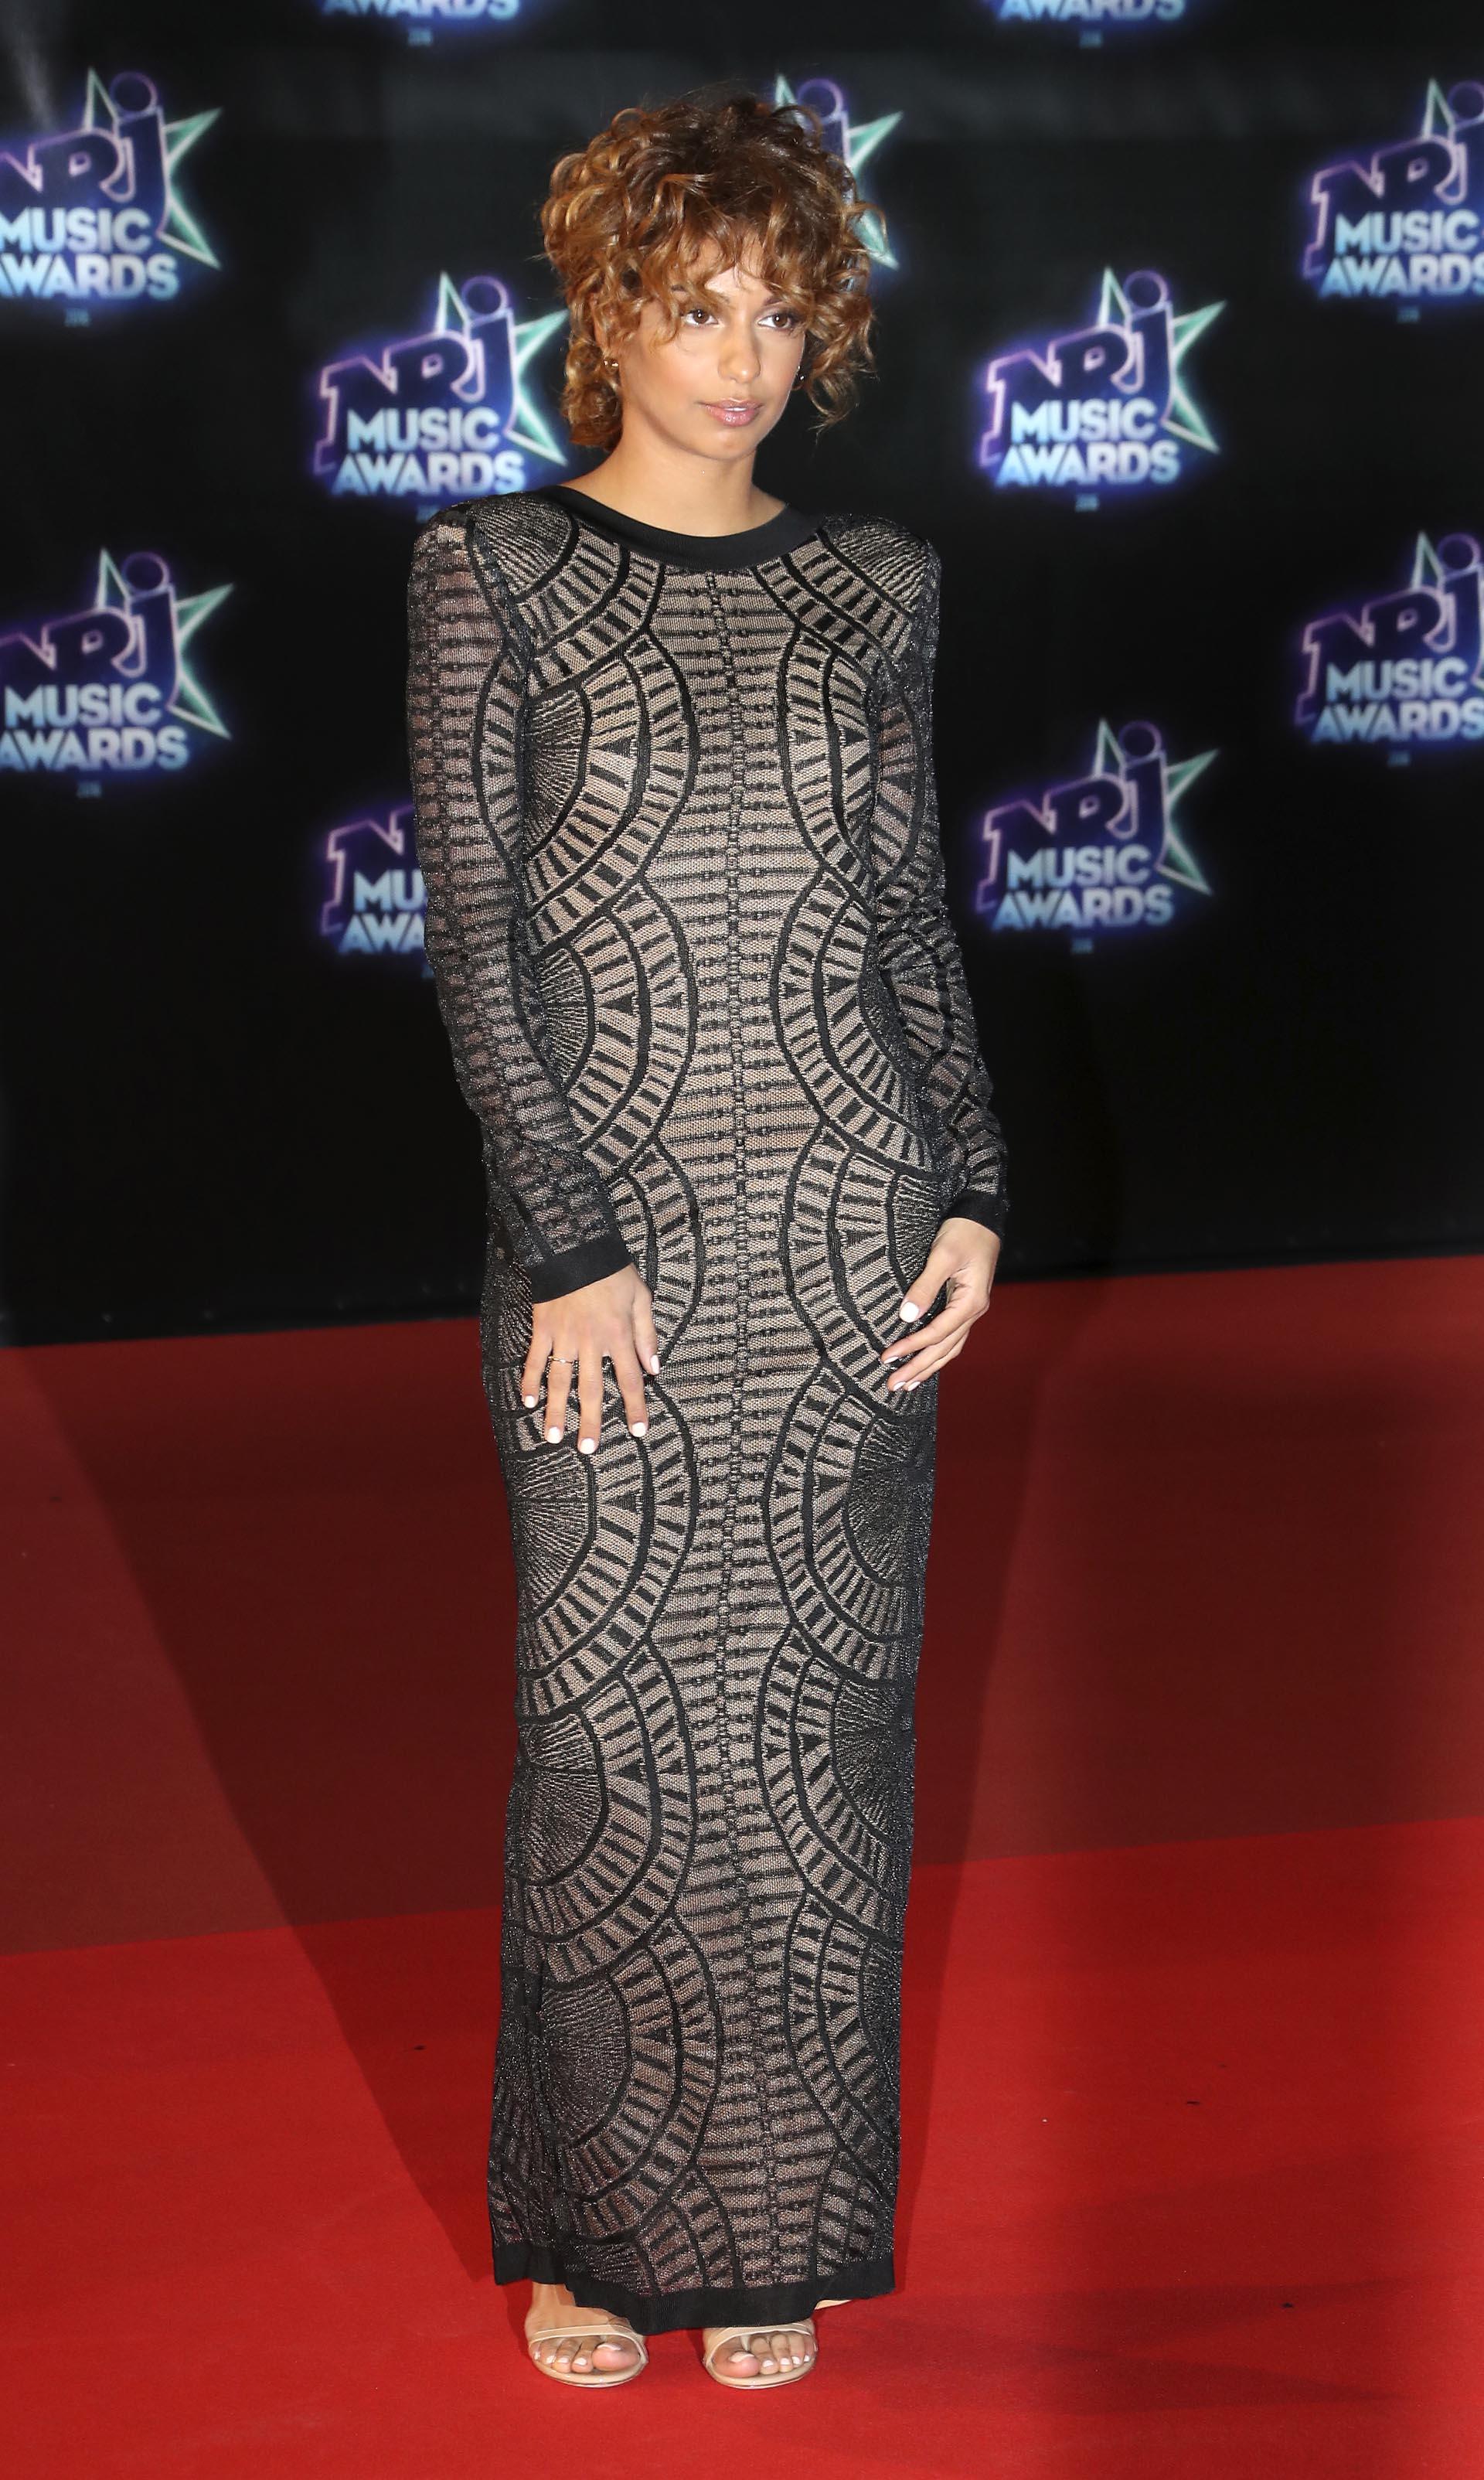 La cantante Tal eligió un diseño nude con encaje negro